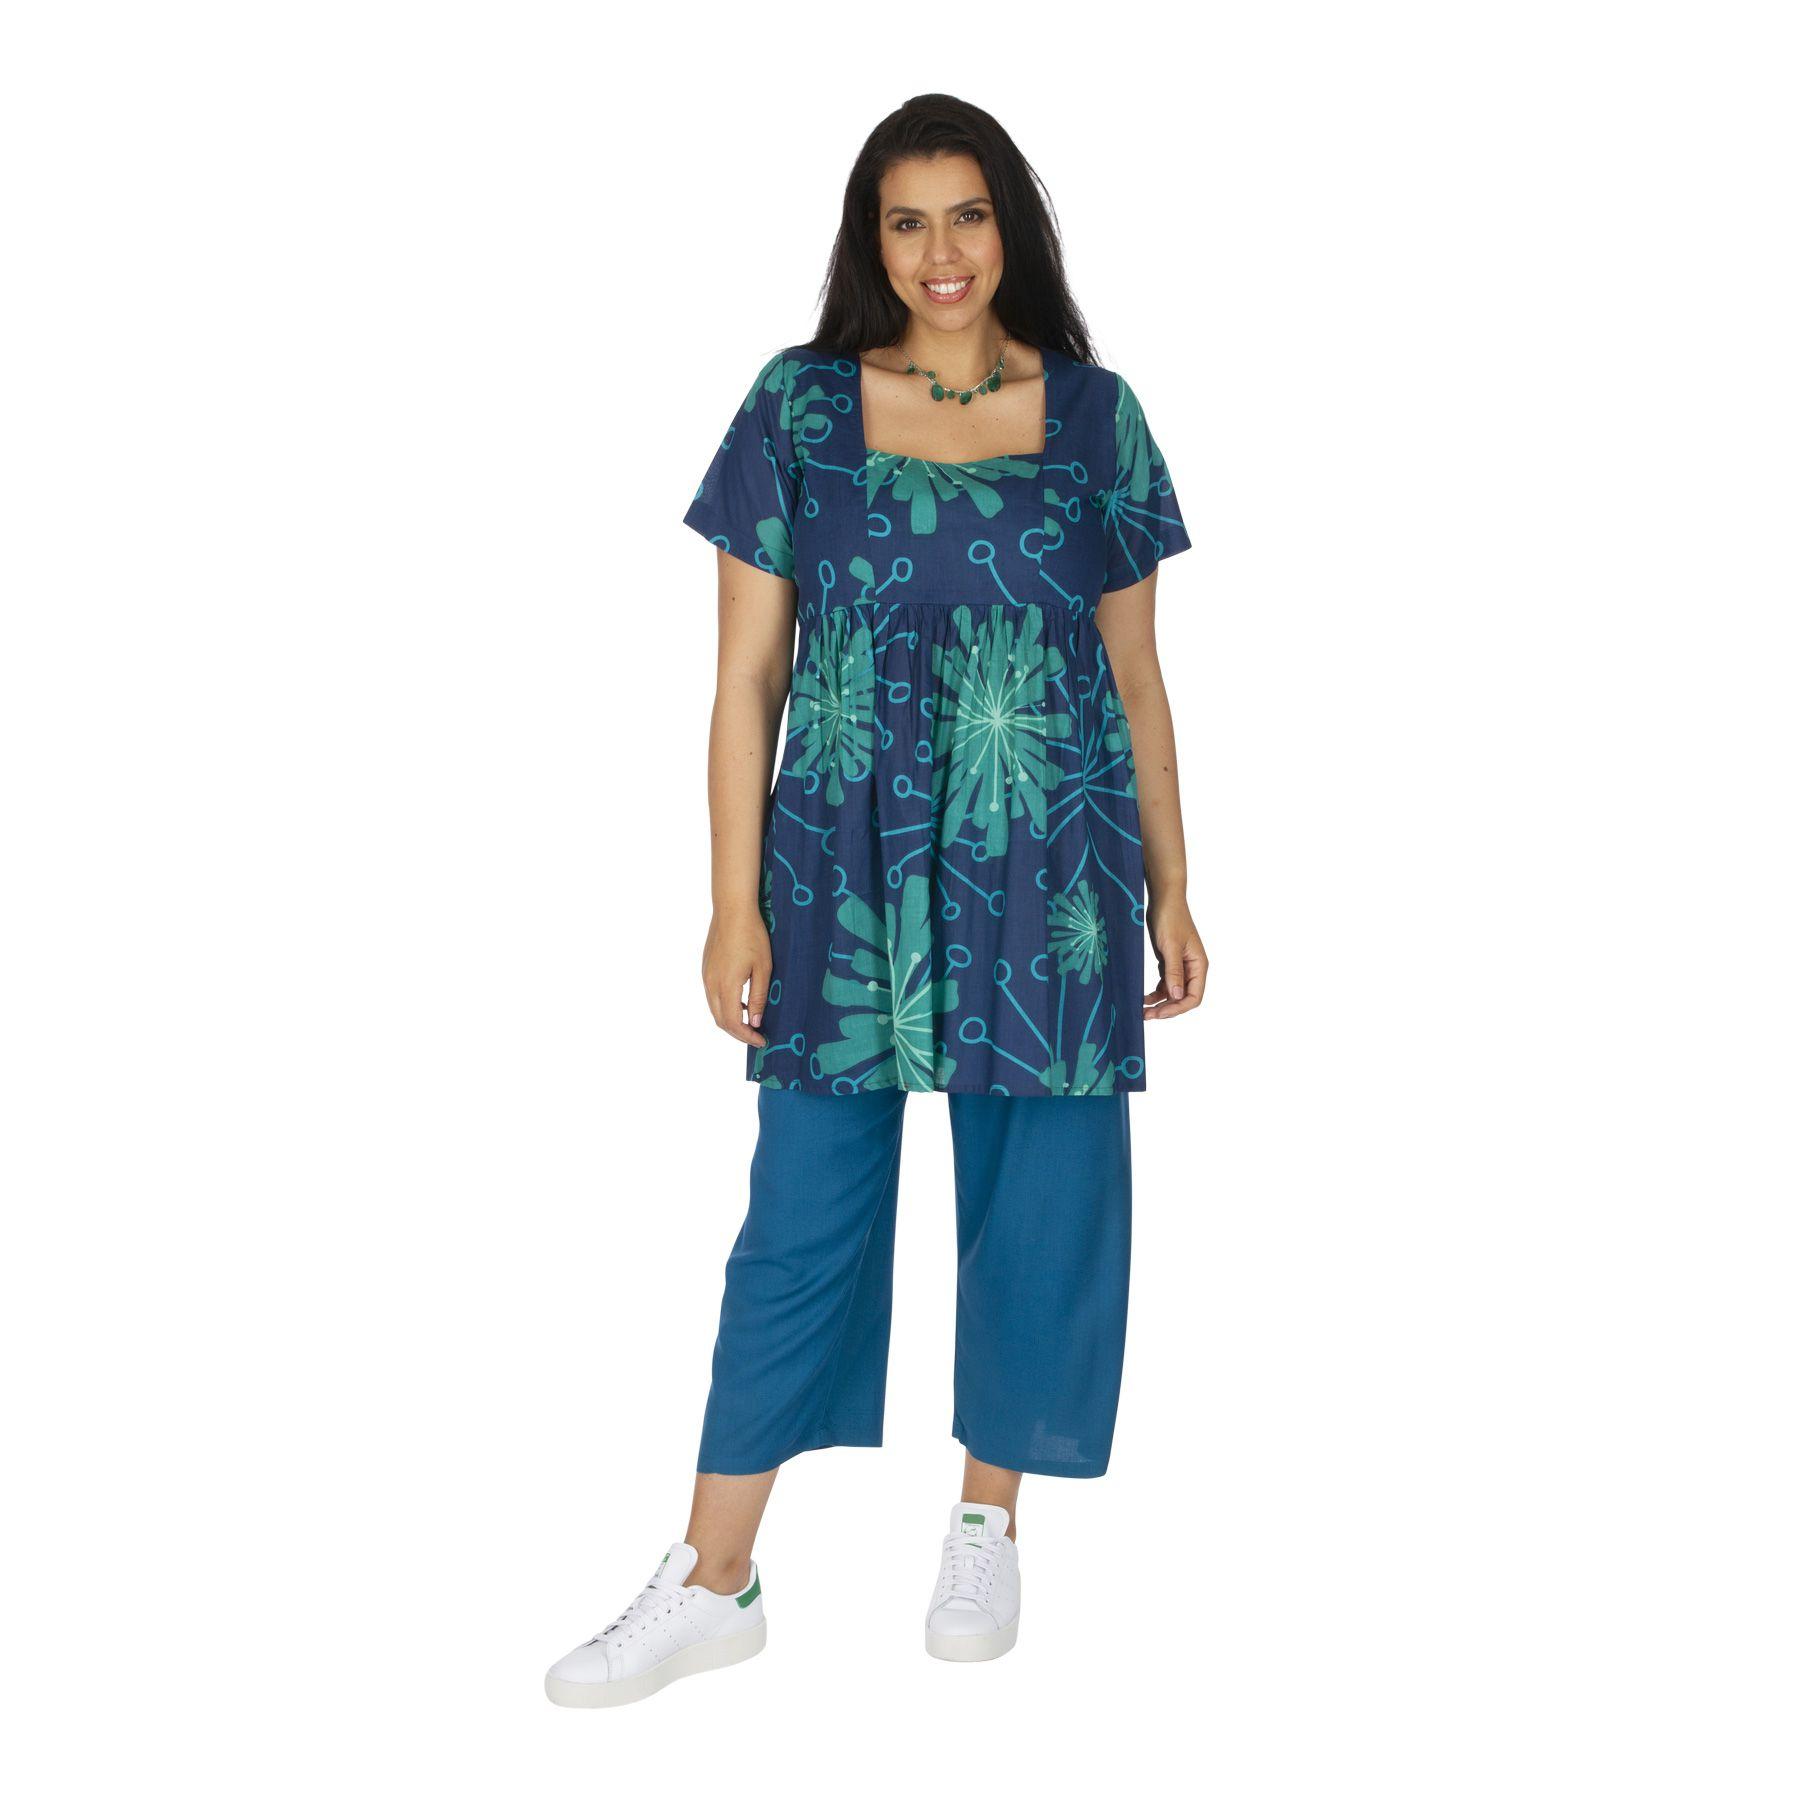 Tunique femme grande taille été originale et colorée Ransal